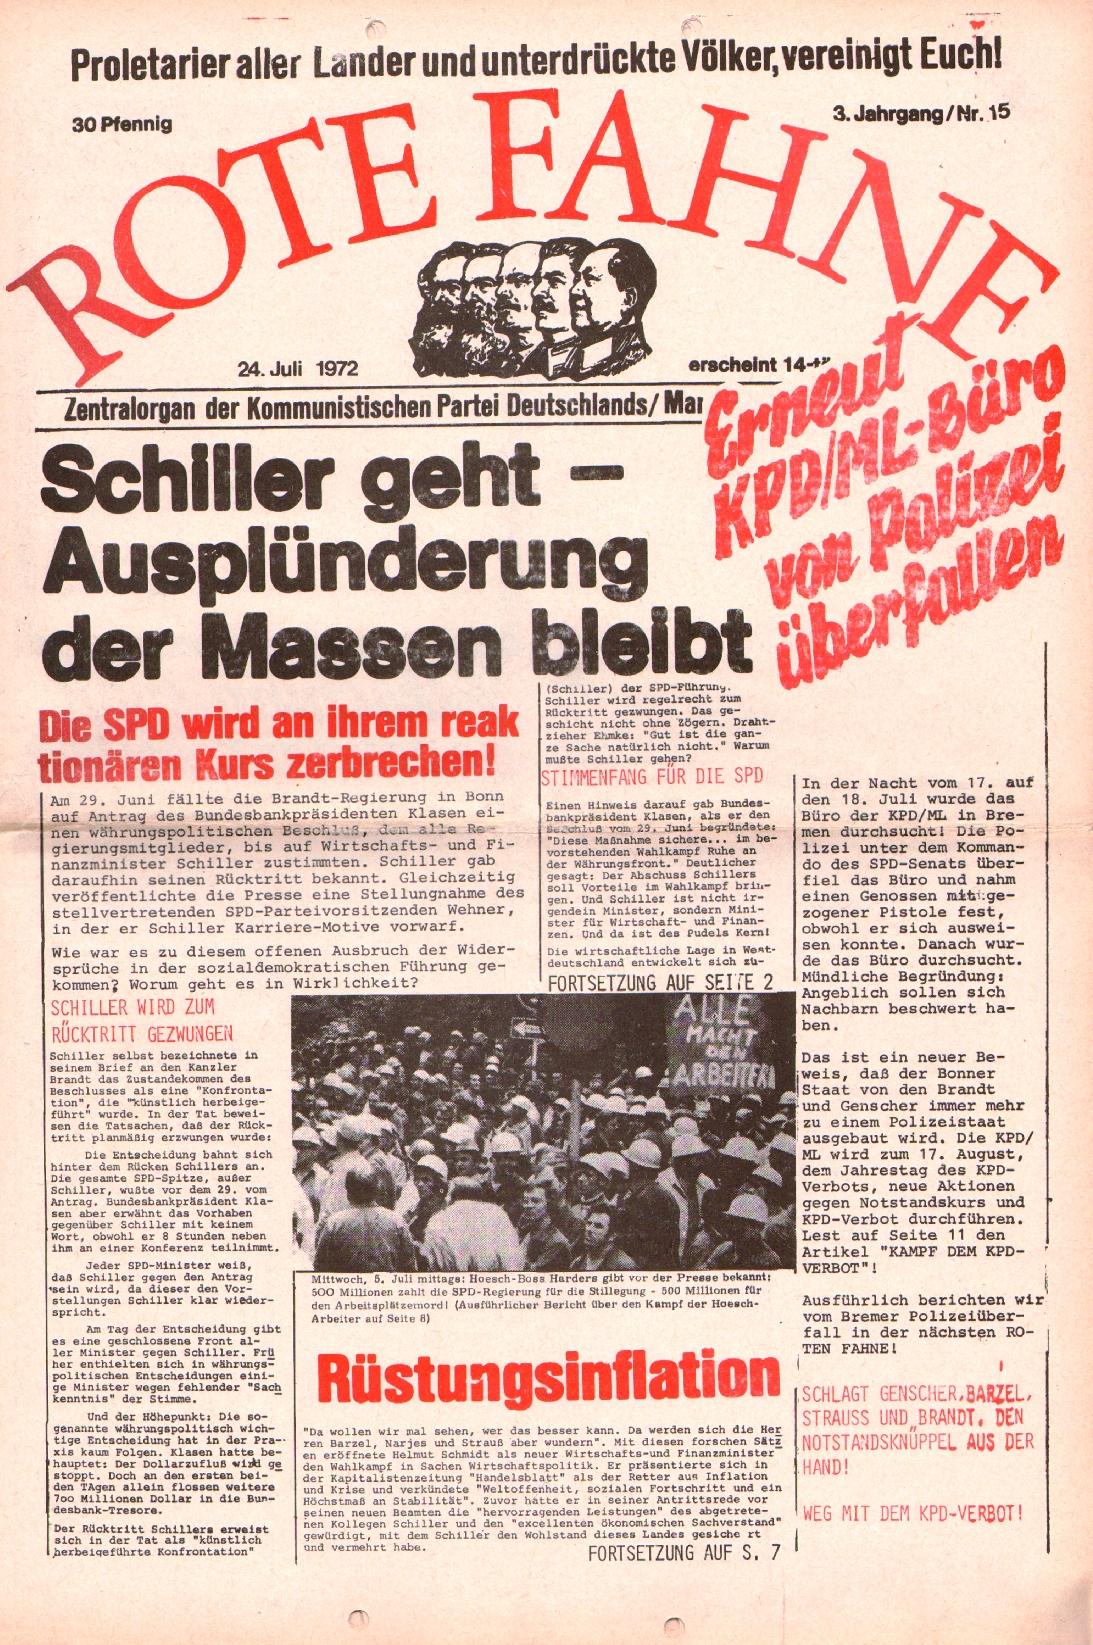 Rote Fahne, 3. Jg., 24.7.1972, Nr. 15, Seite 1